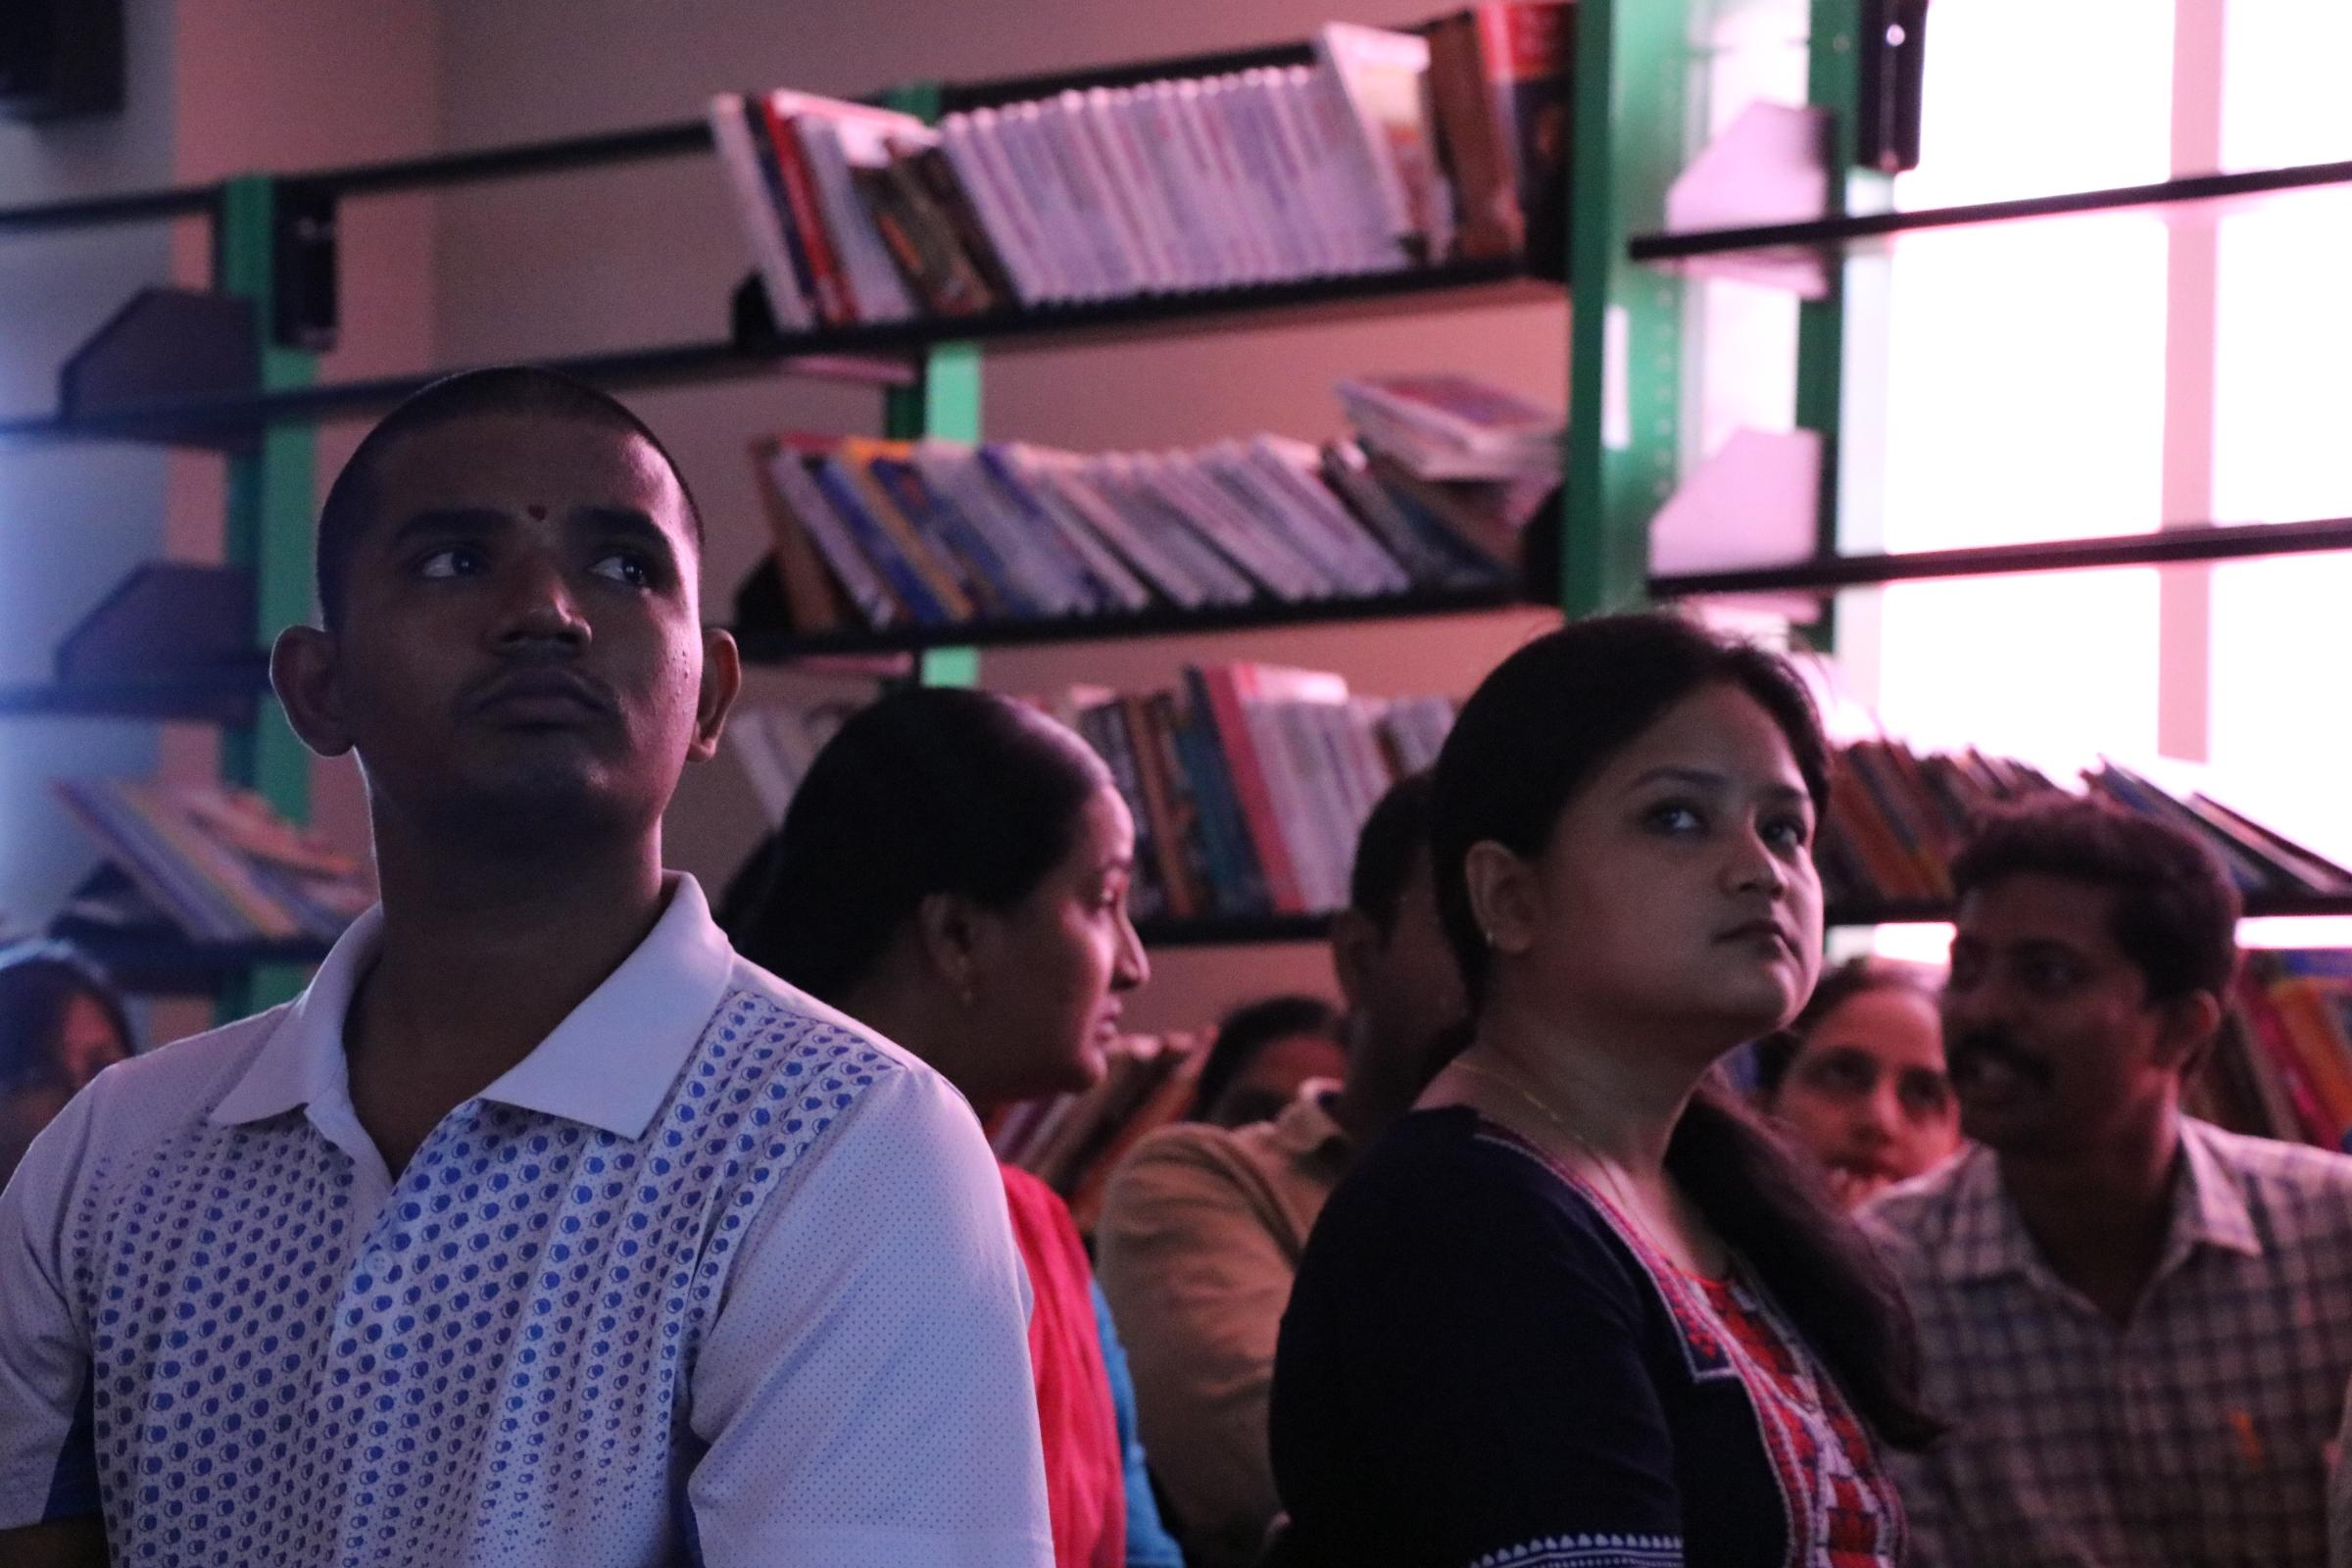 Delhi Public School, Vizag